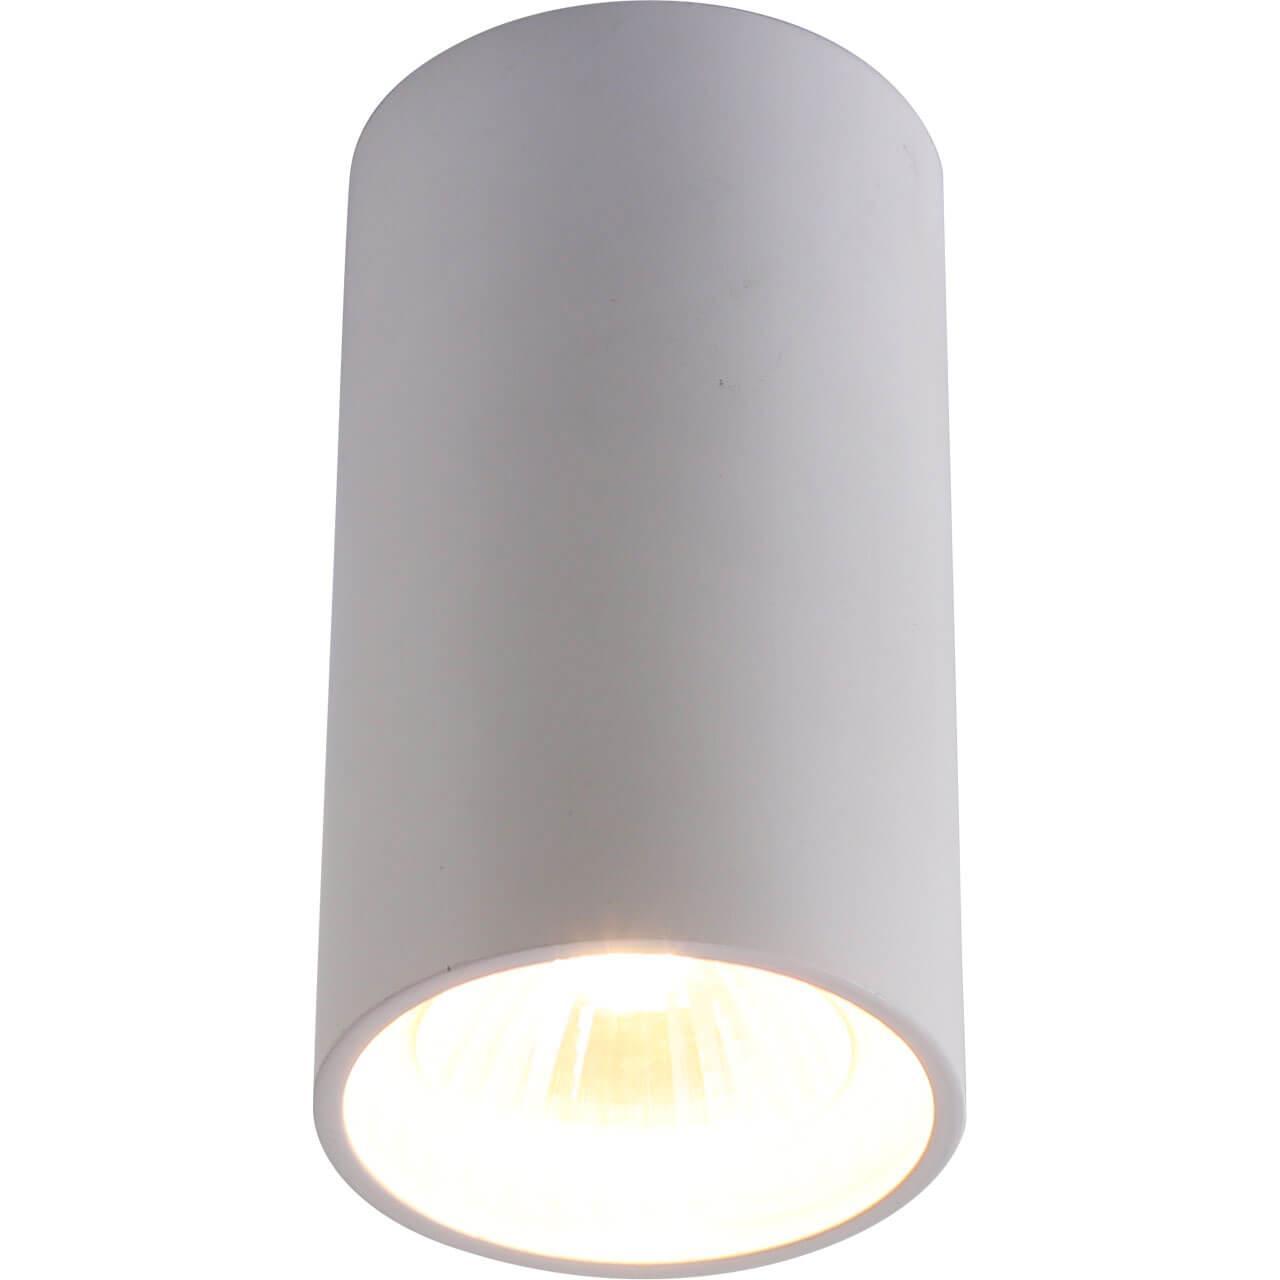 Потолочный светильник Divinare Gavroche 1354/03 PL-1 спот divinare 1354 03 pl 1